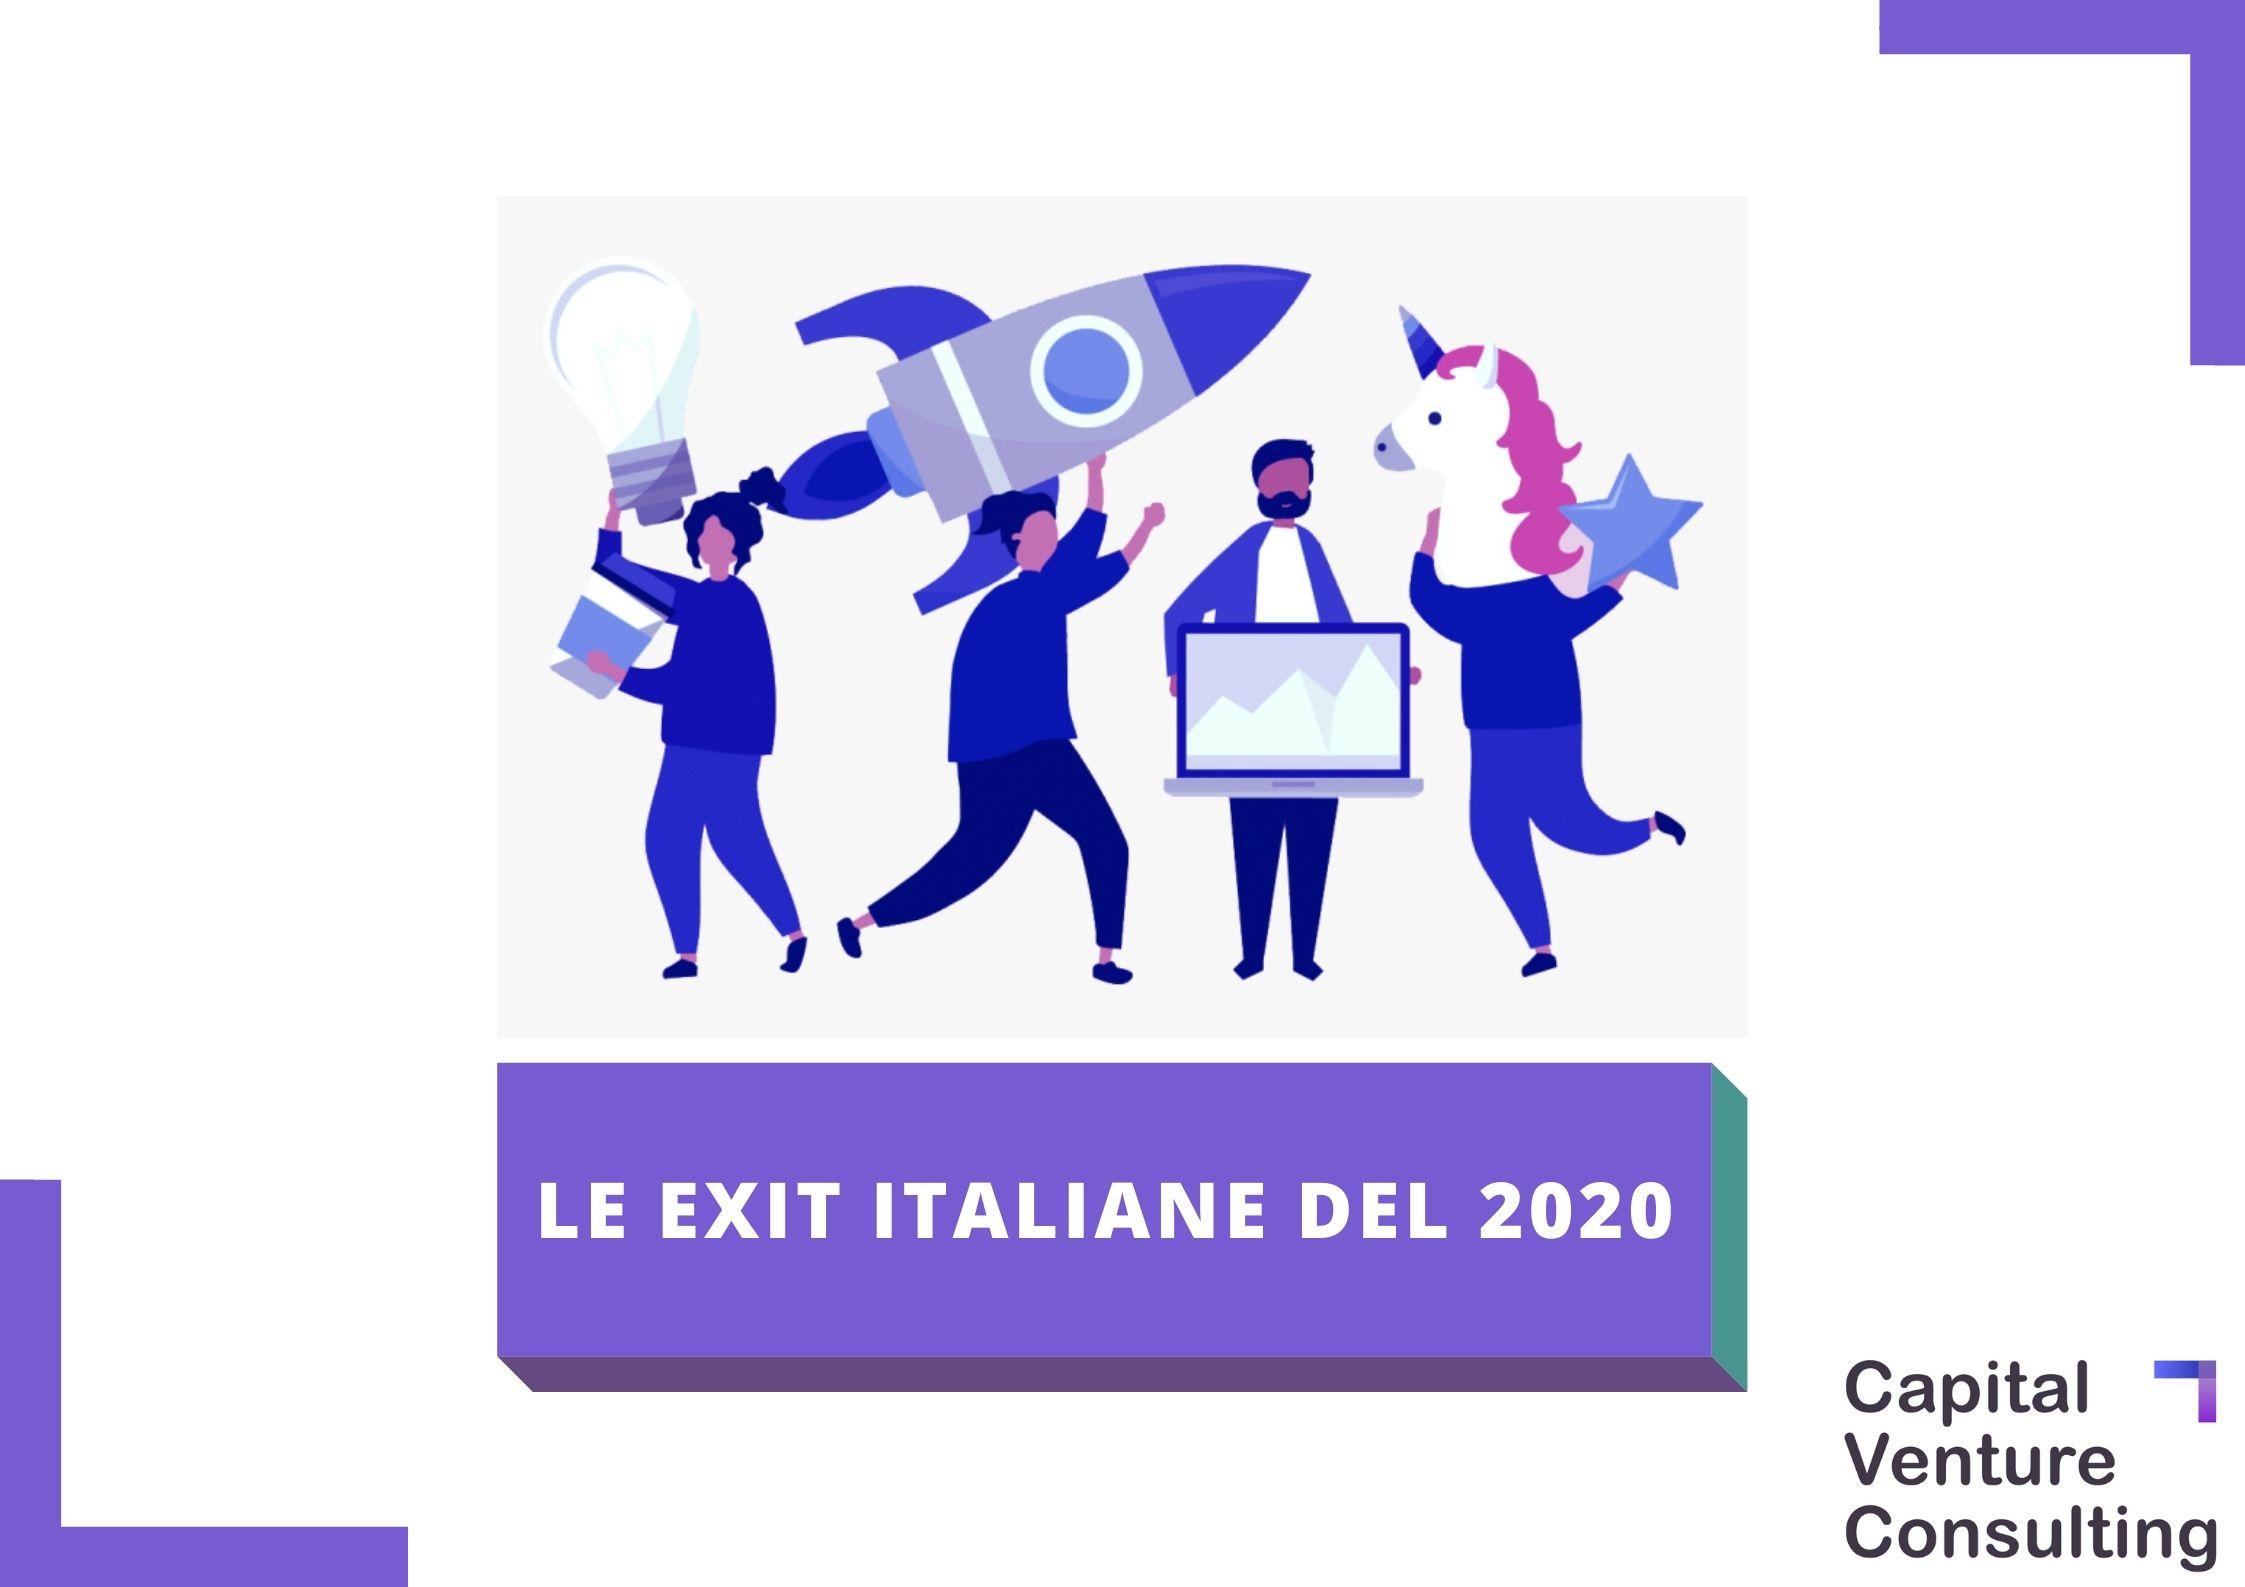 Startup exit italia 2020